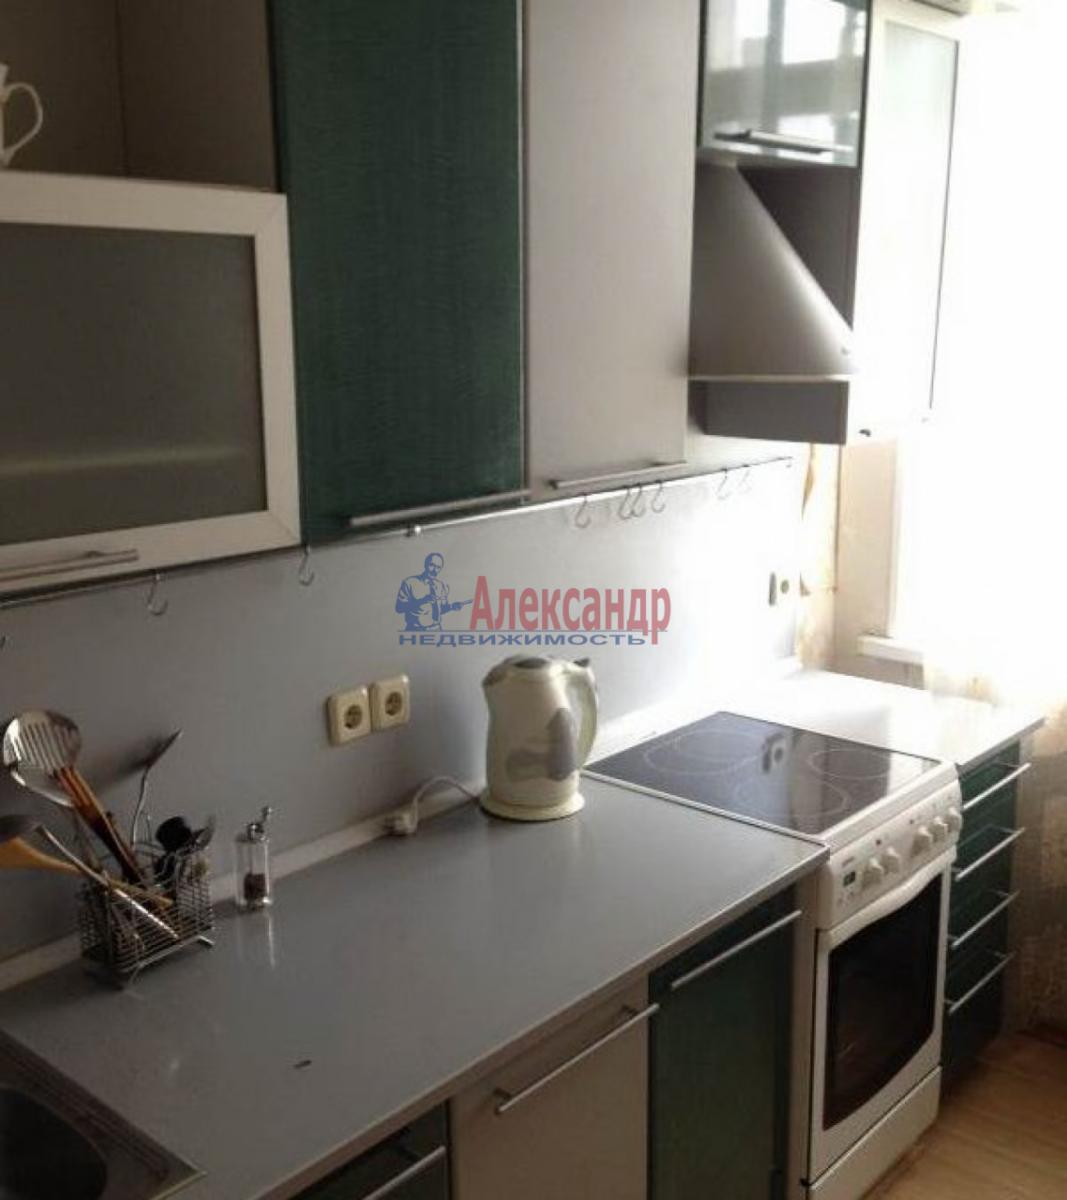 1-комнатная квартира (38м2) в аренду по адресу Савушкина ул., 115— фото 1 из 4